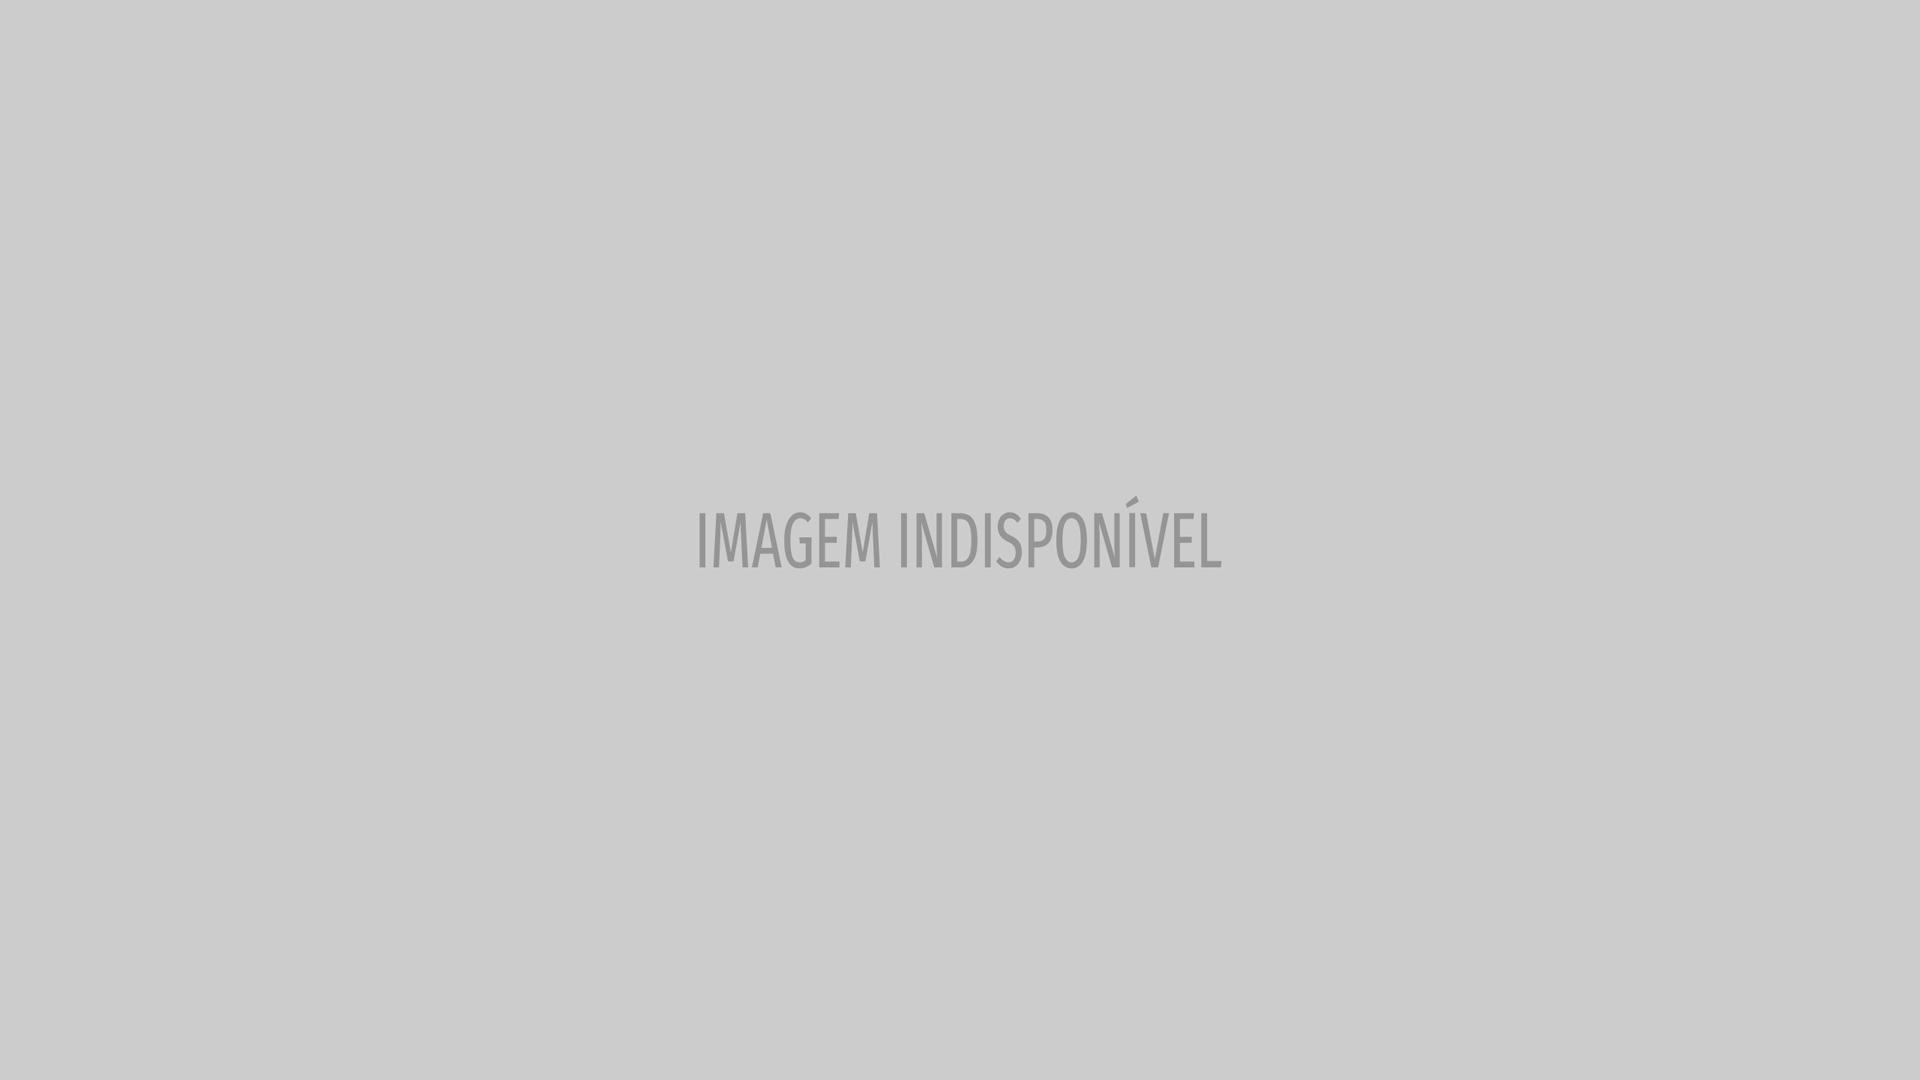 Alyssa Elsman, a única vítima mortal do atropelamento de Nova Iorque